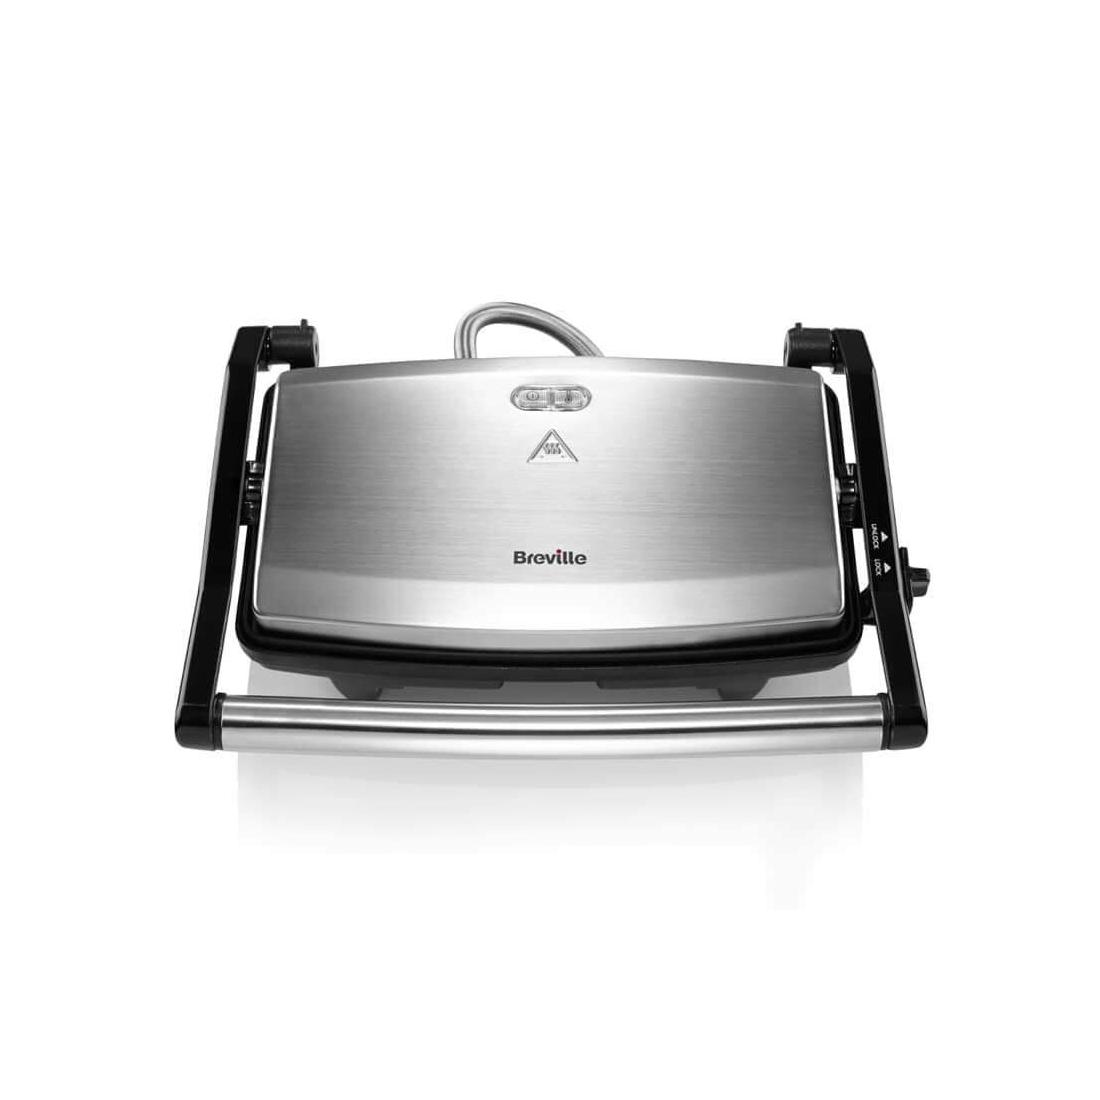 Máy kẹp bánh mì Breville-Thế giới đồ gia dụng HMD